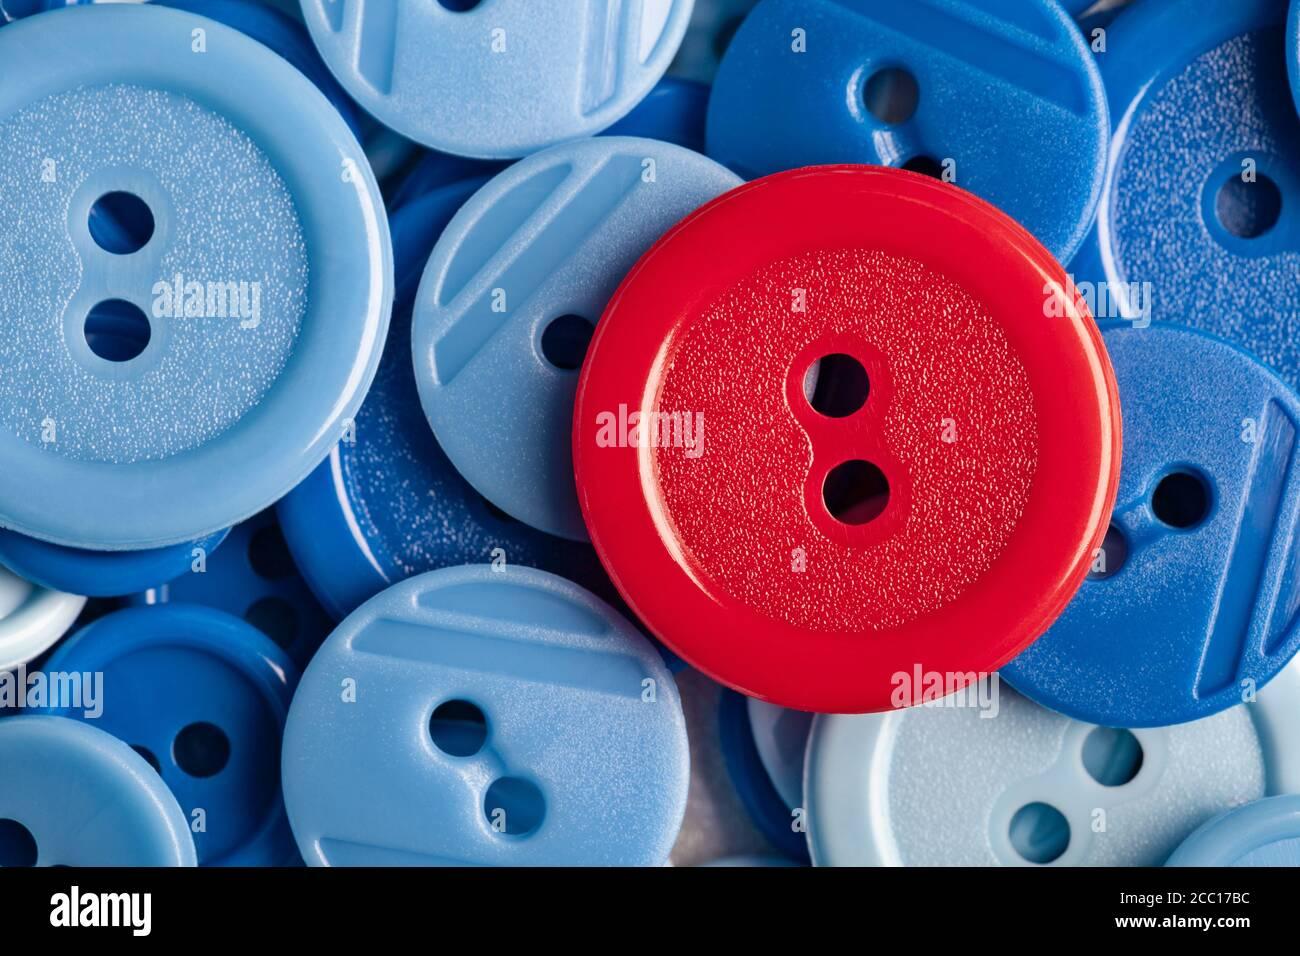 Botón rojo sobre fondo de botones de plástico azul. Este archivo se limpia y se vuelve a archivar. Foto de stock